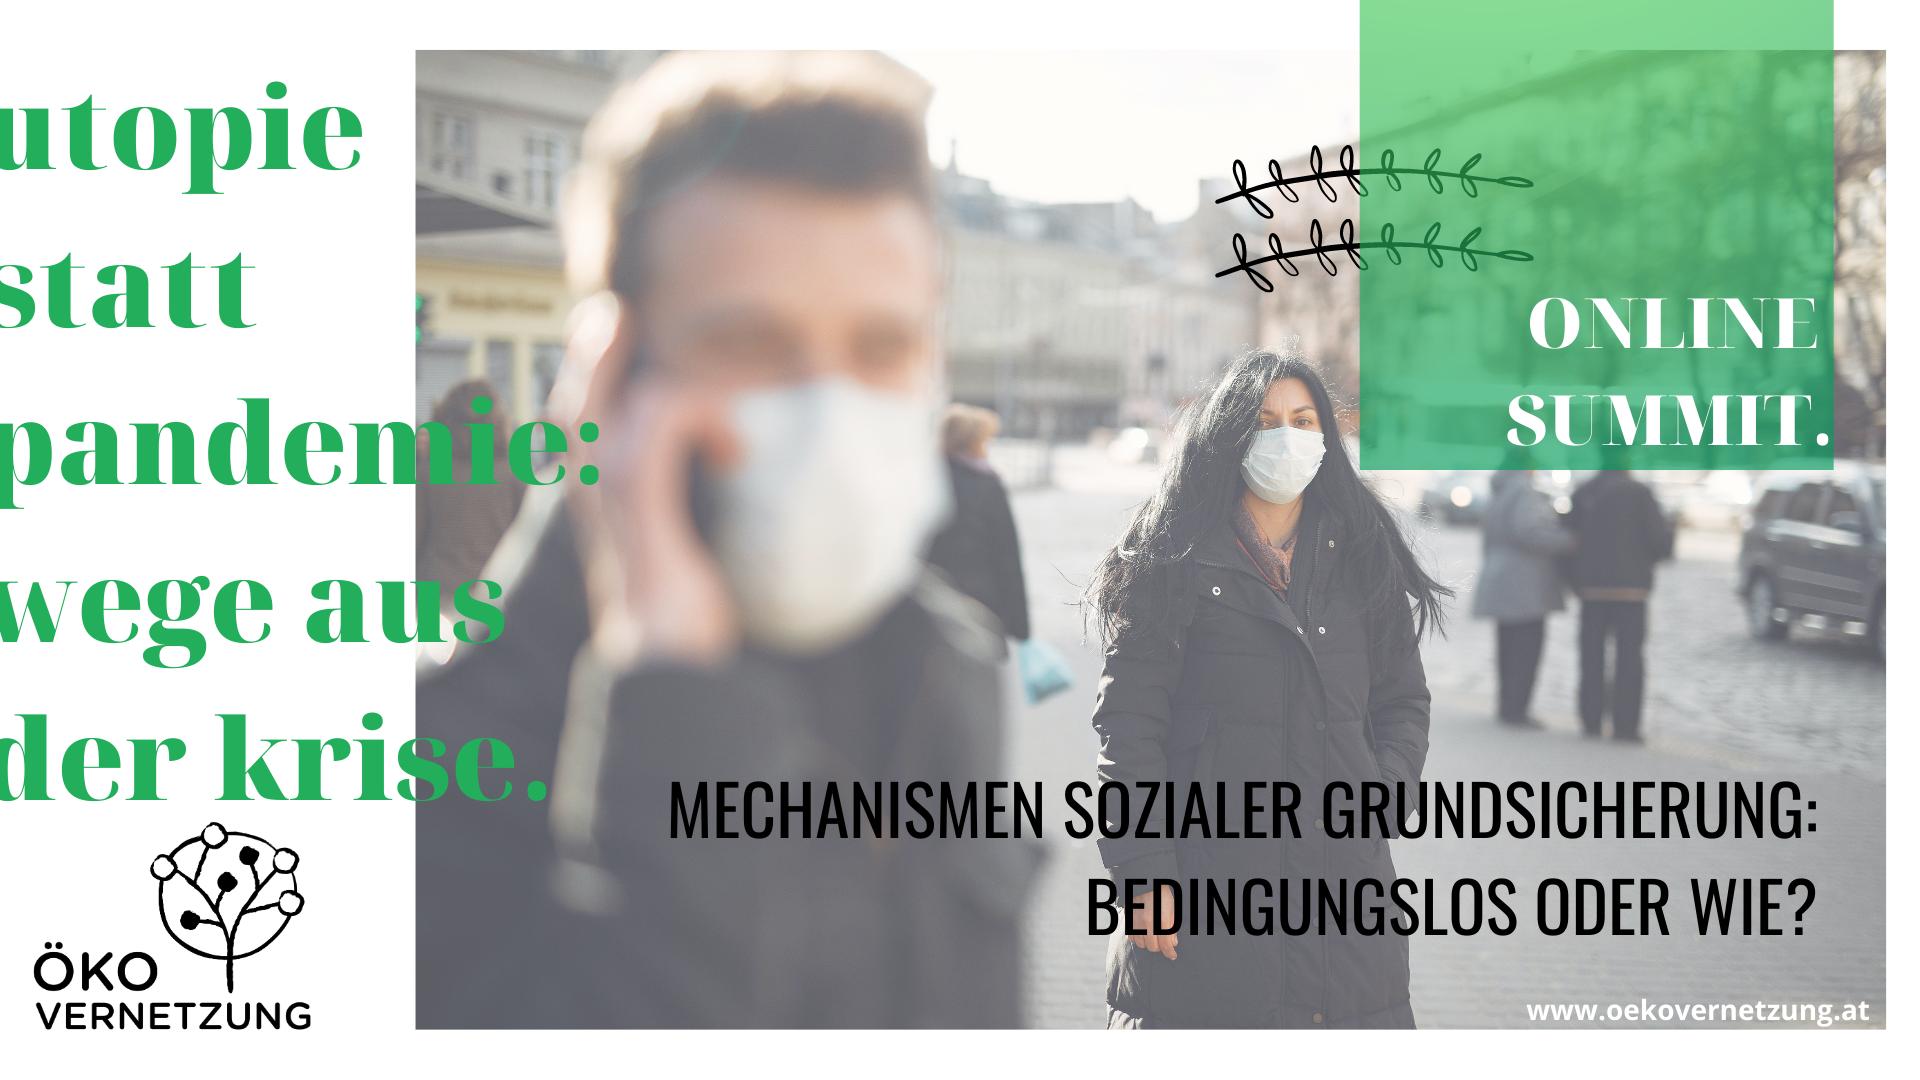 ONLINE SUMMIT 2021 – 1: Mechanismen sozialer Grundsicherung: Bedingungslos oder Wie?